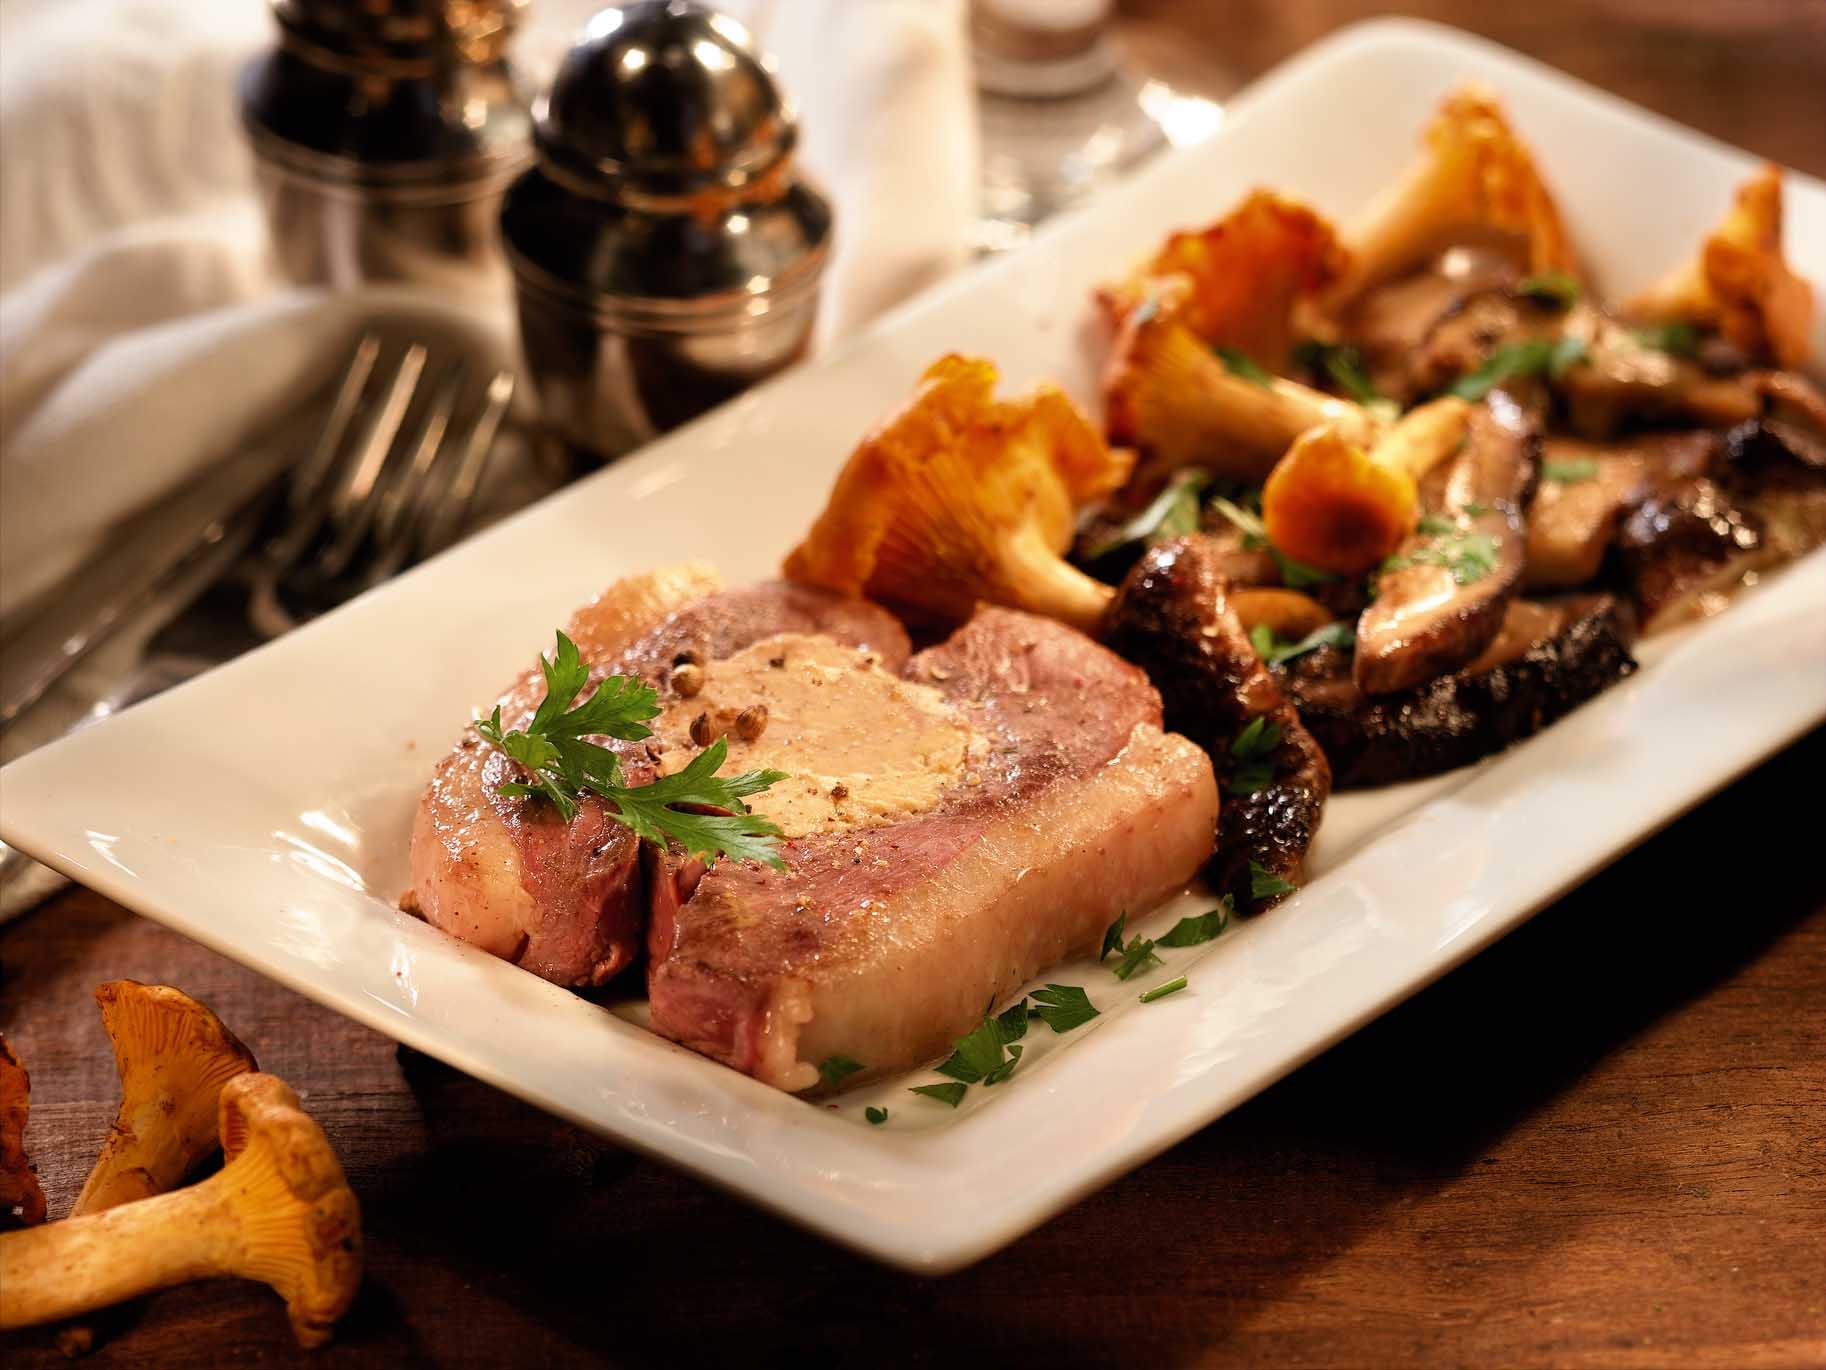 Recette de tournedos de magret de canard fourrés au foie gras Lafitte aux Girolles et Cèpes